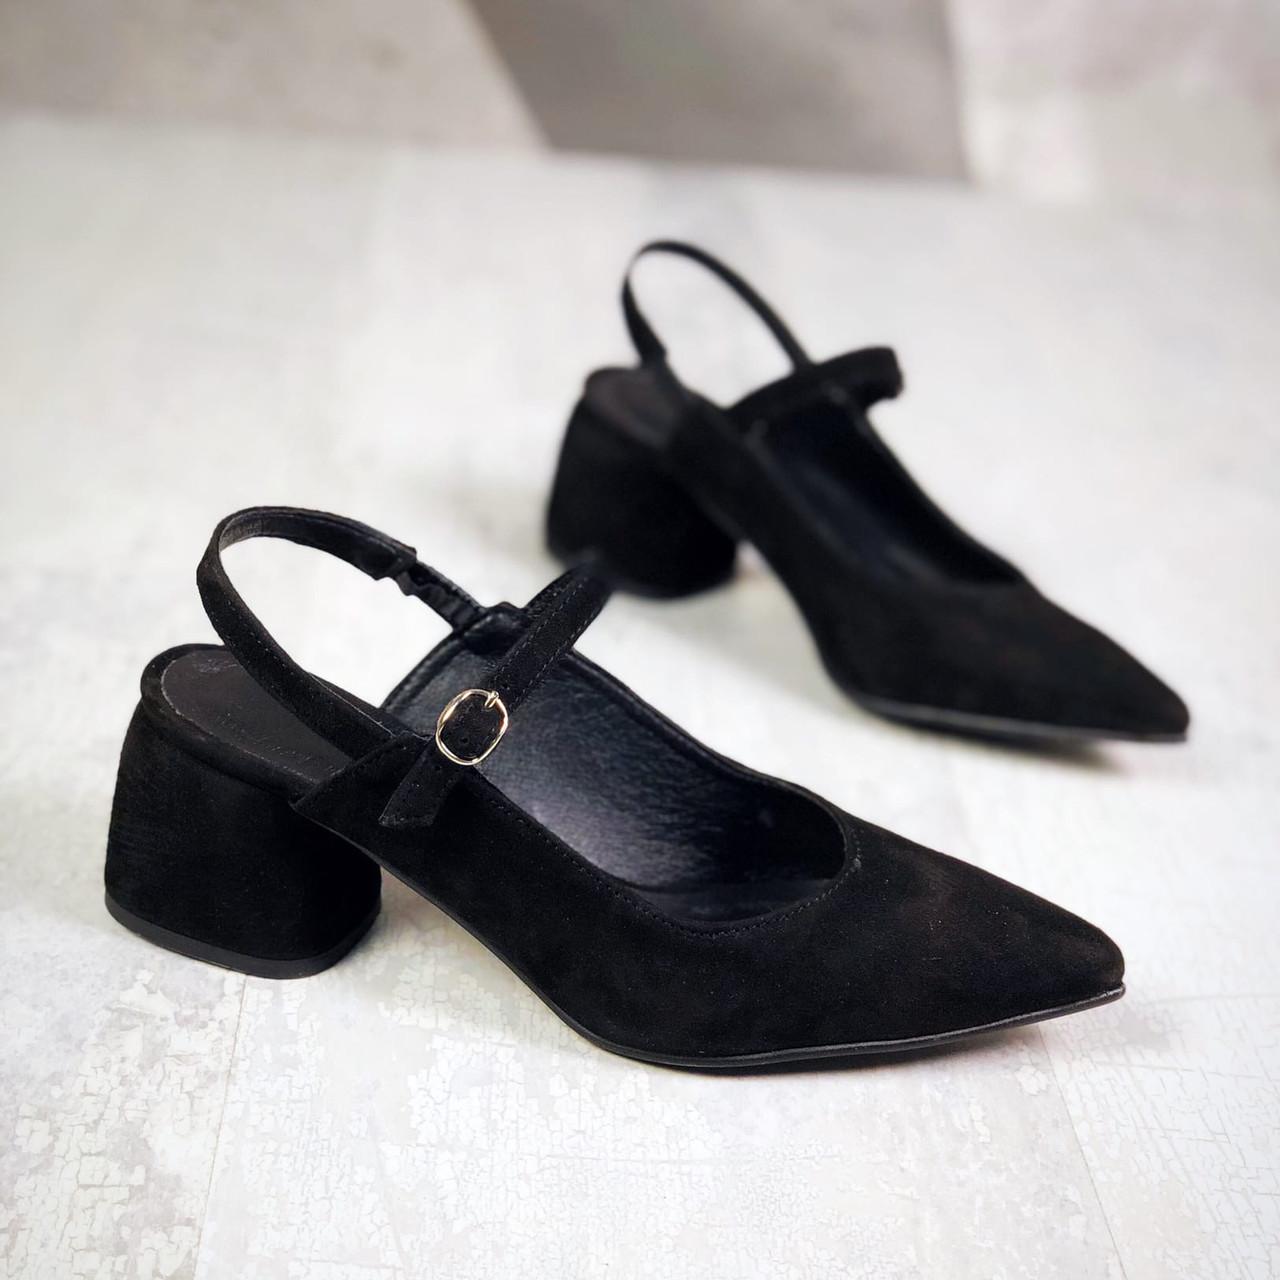 Замшевые туфли с открытой пяткой 36-40 р чёрный